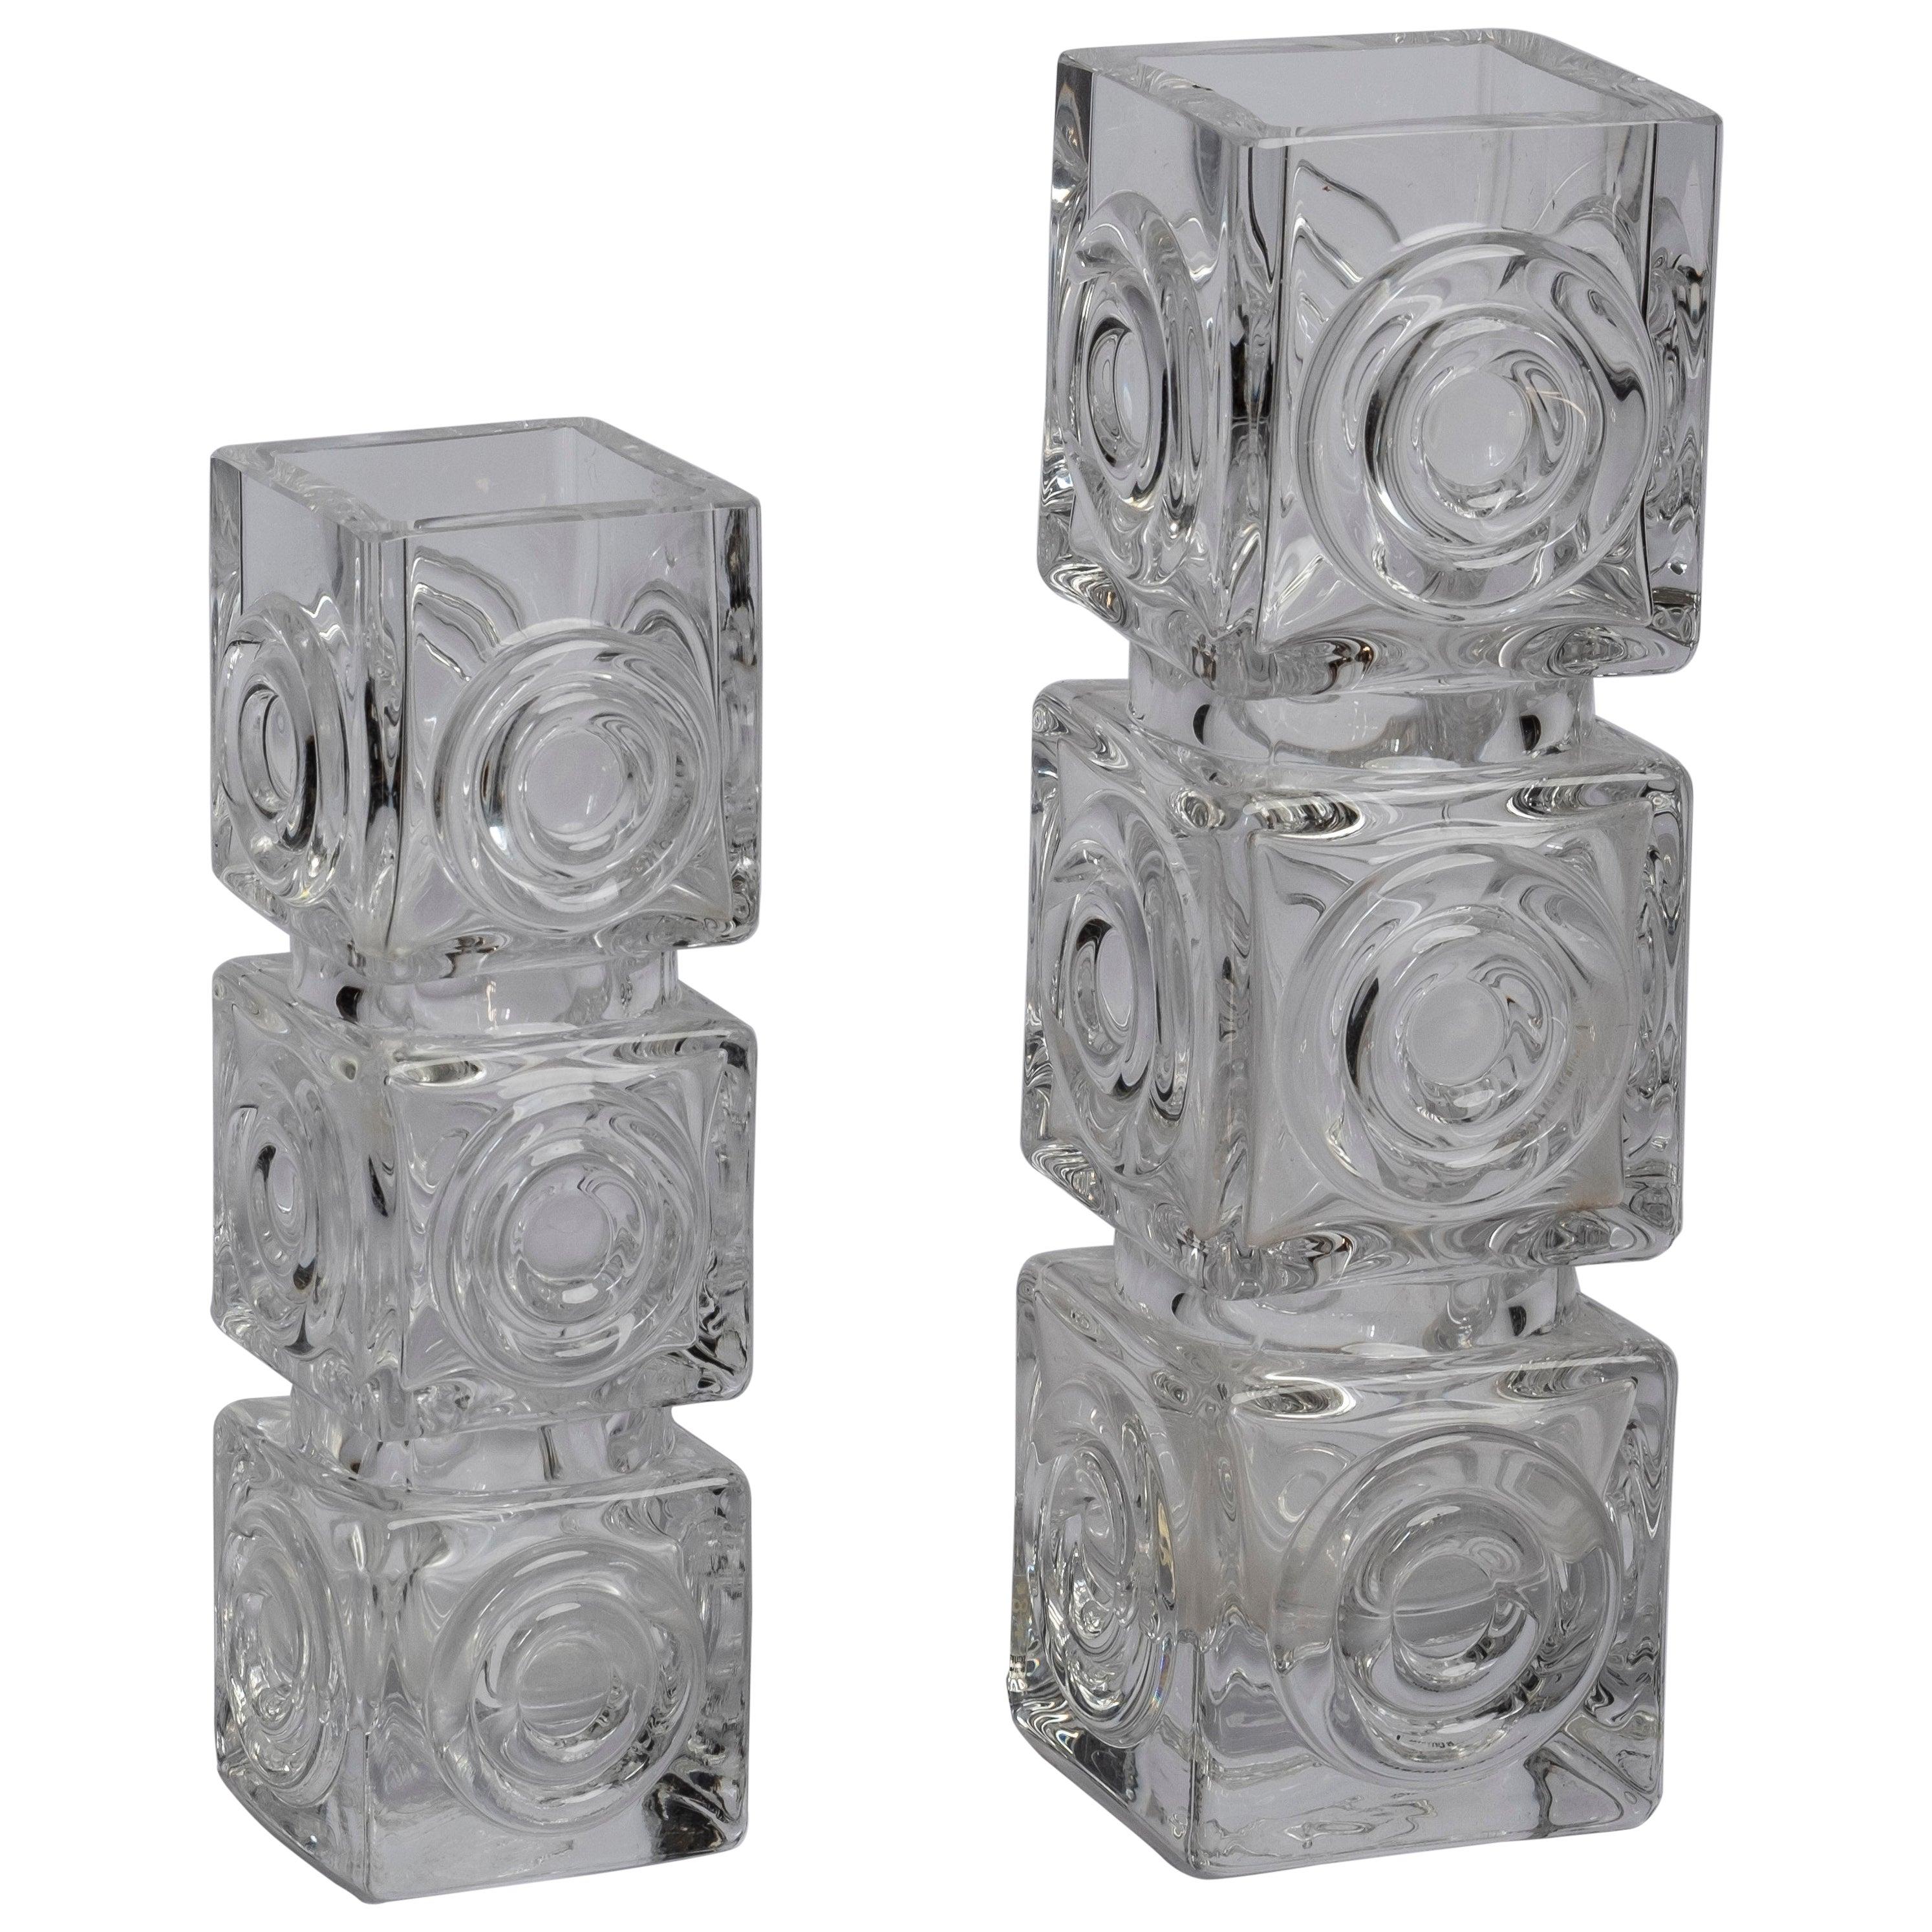 Scandinavian Modern Glass Vases by Bengt Edenfalk for Skruf